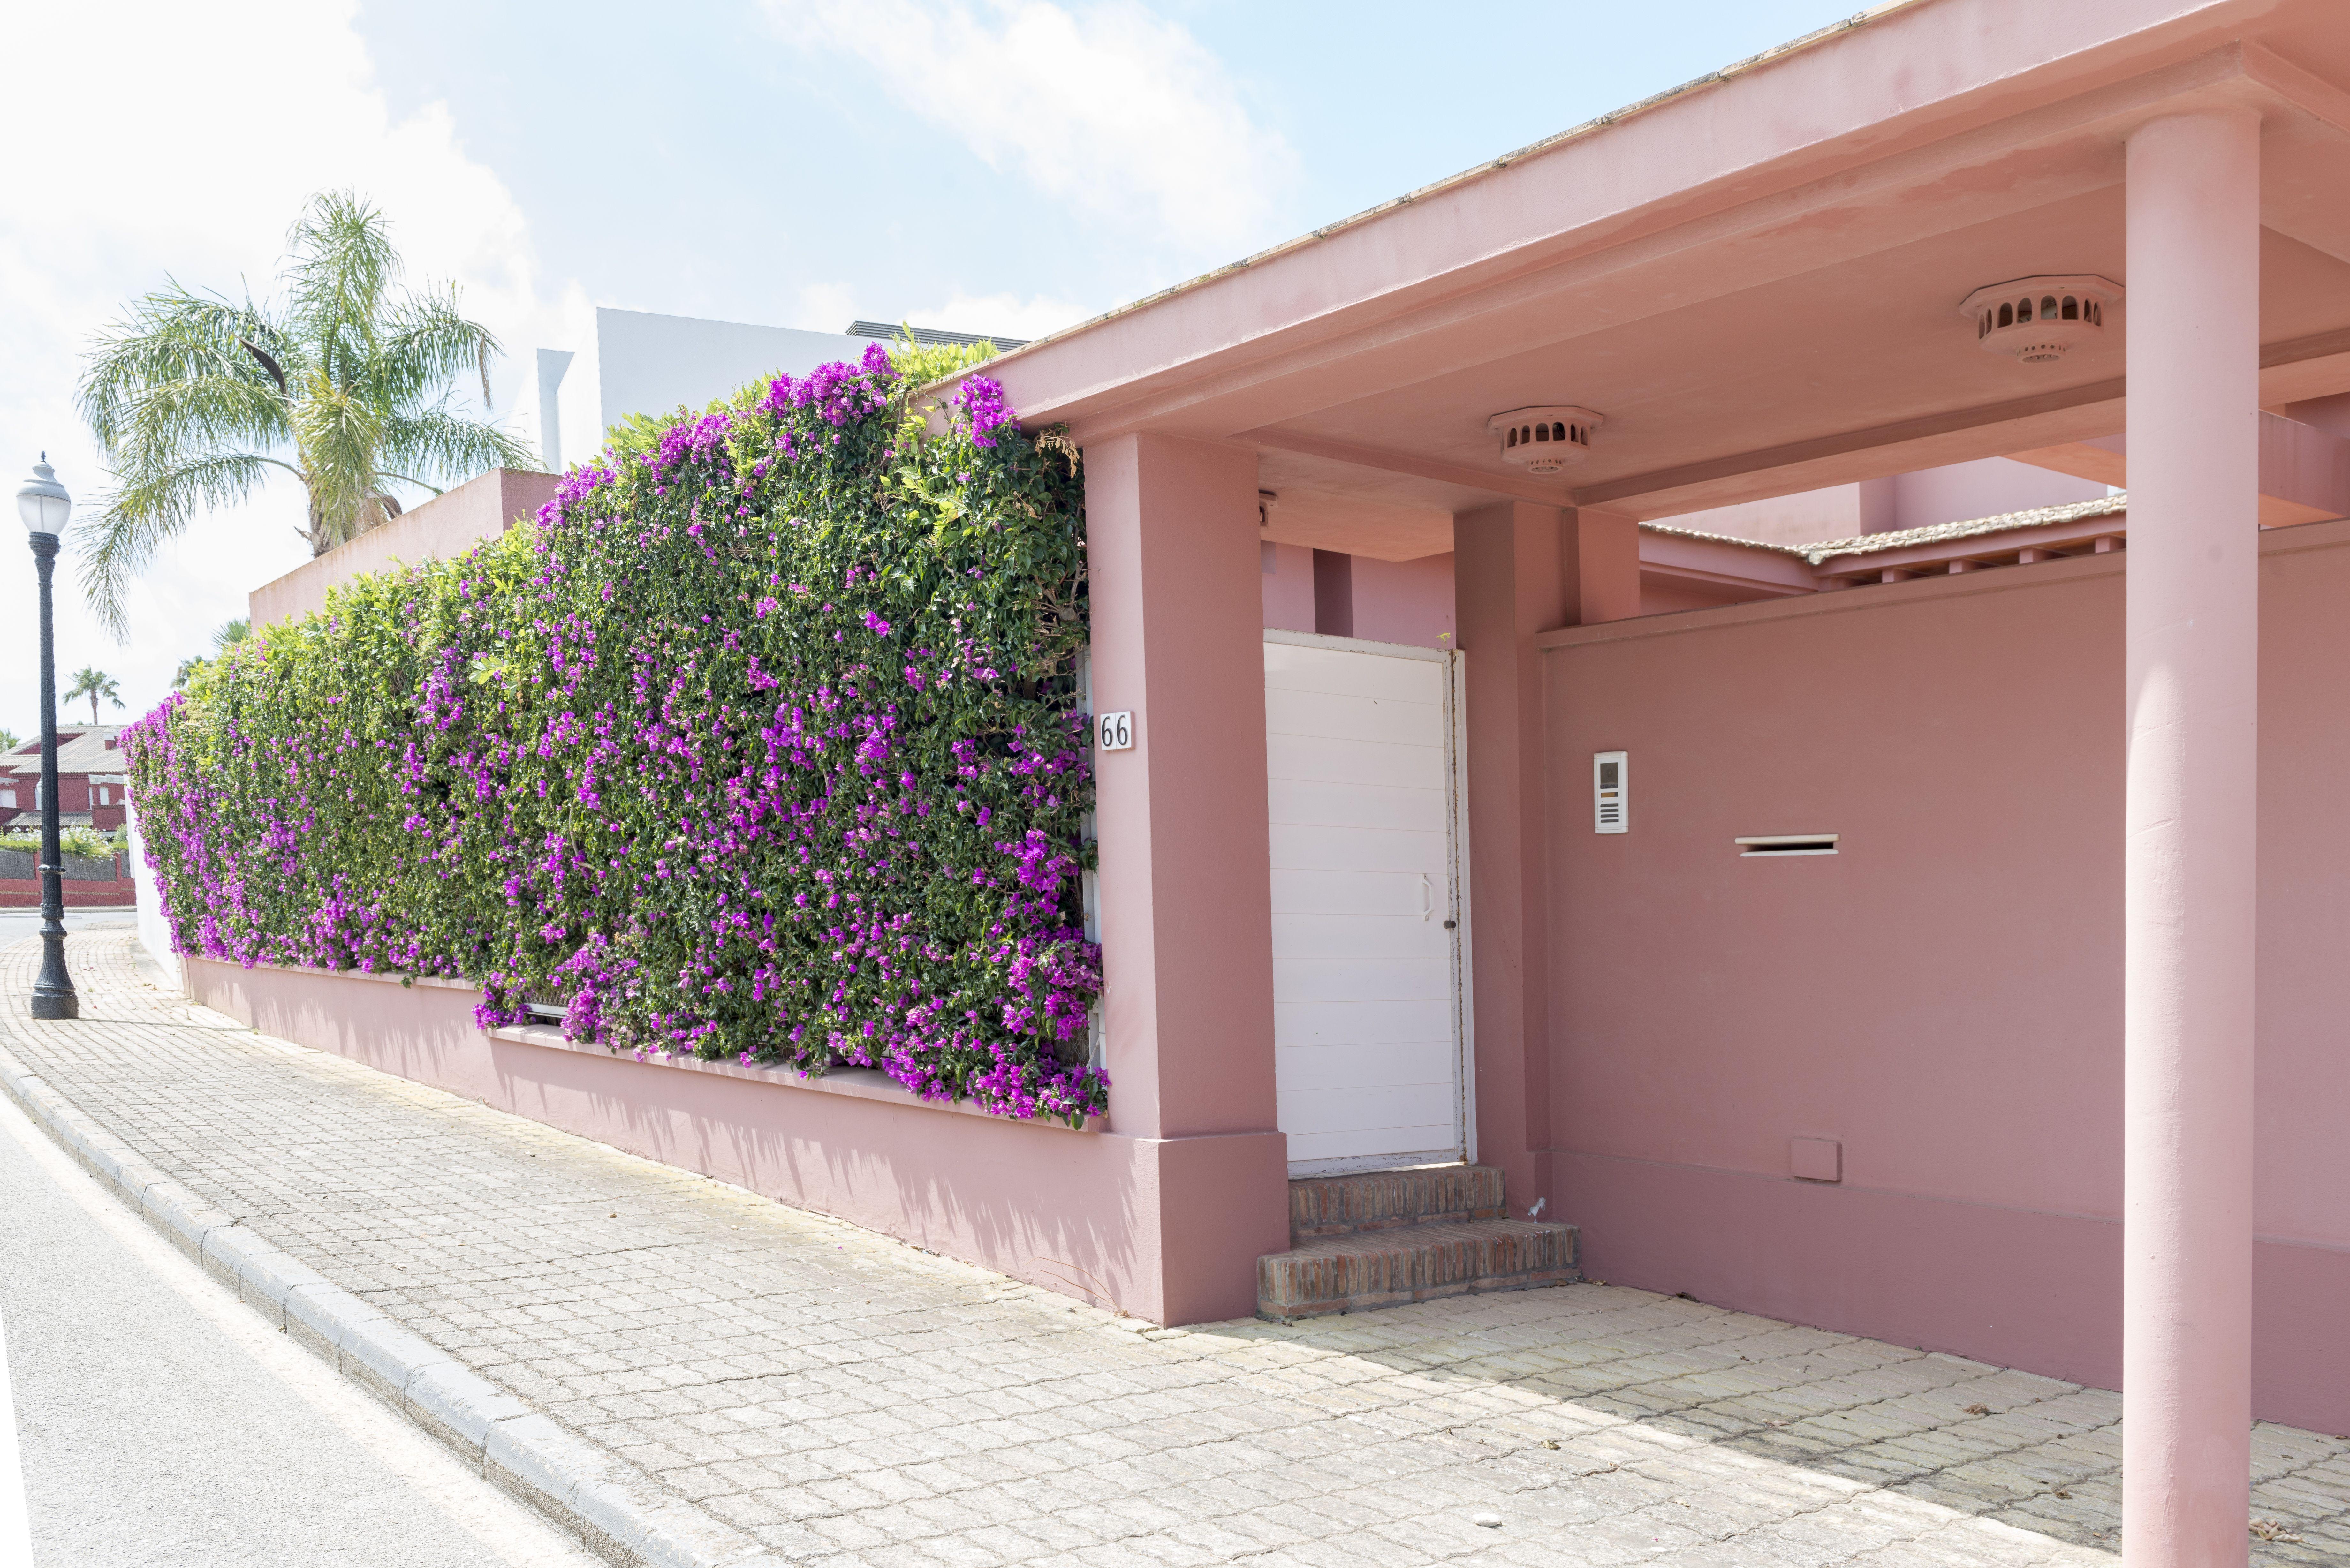 Diseño y mantenimiento de jardines en Chiclana de la Frontera, Cádiz